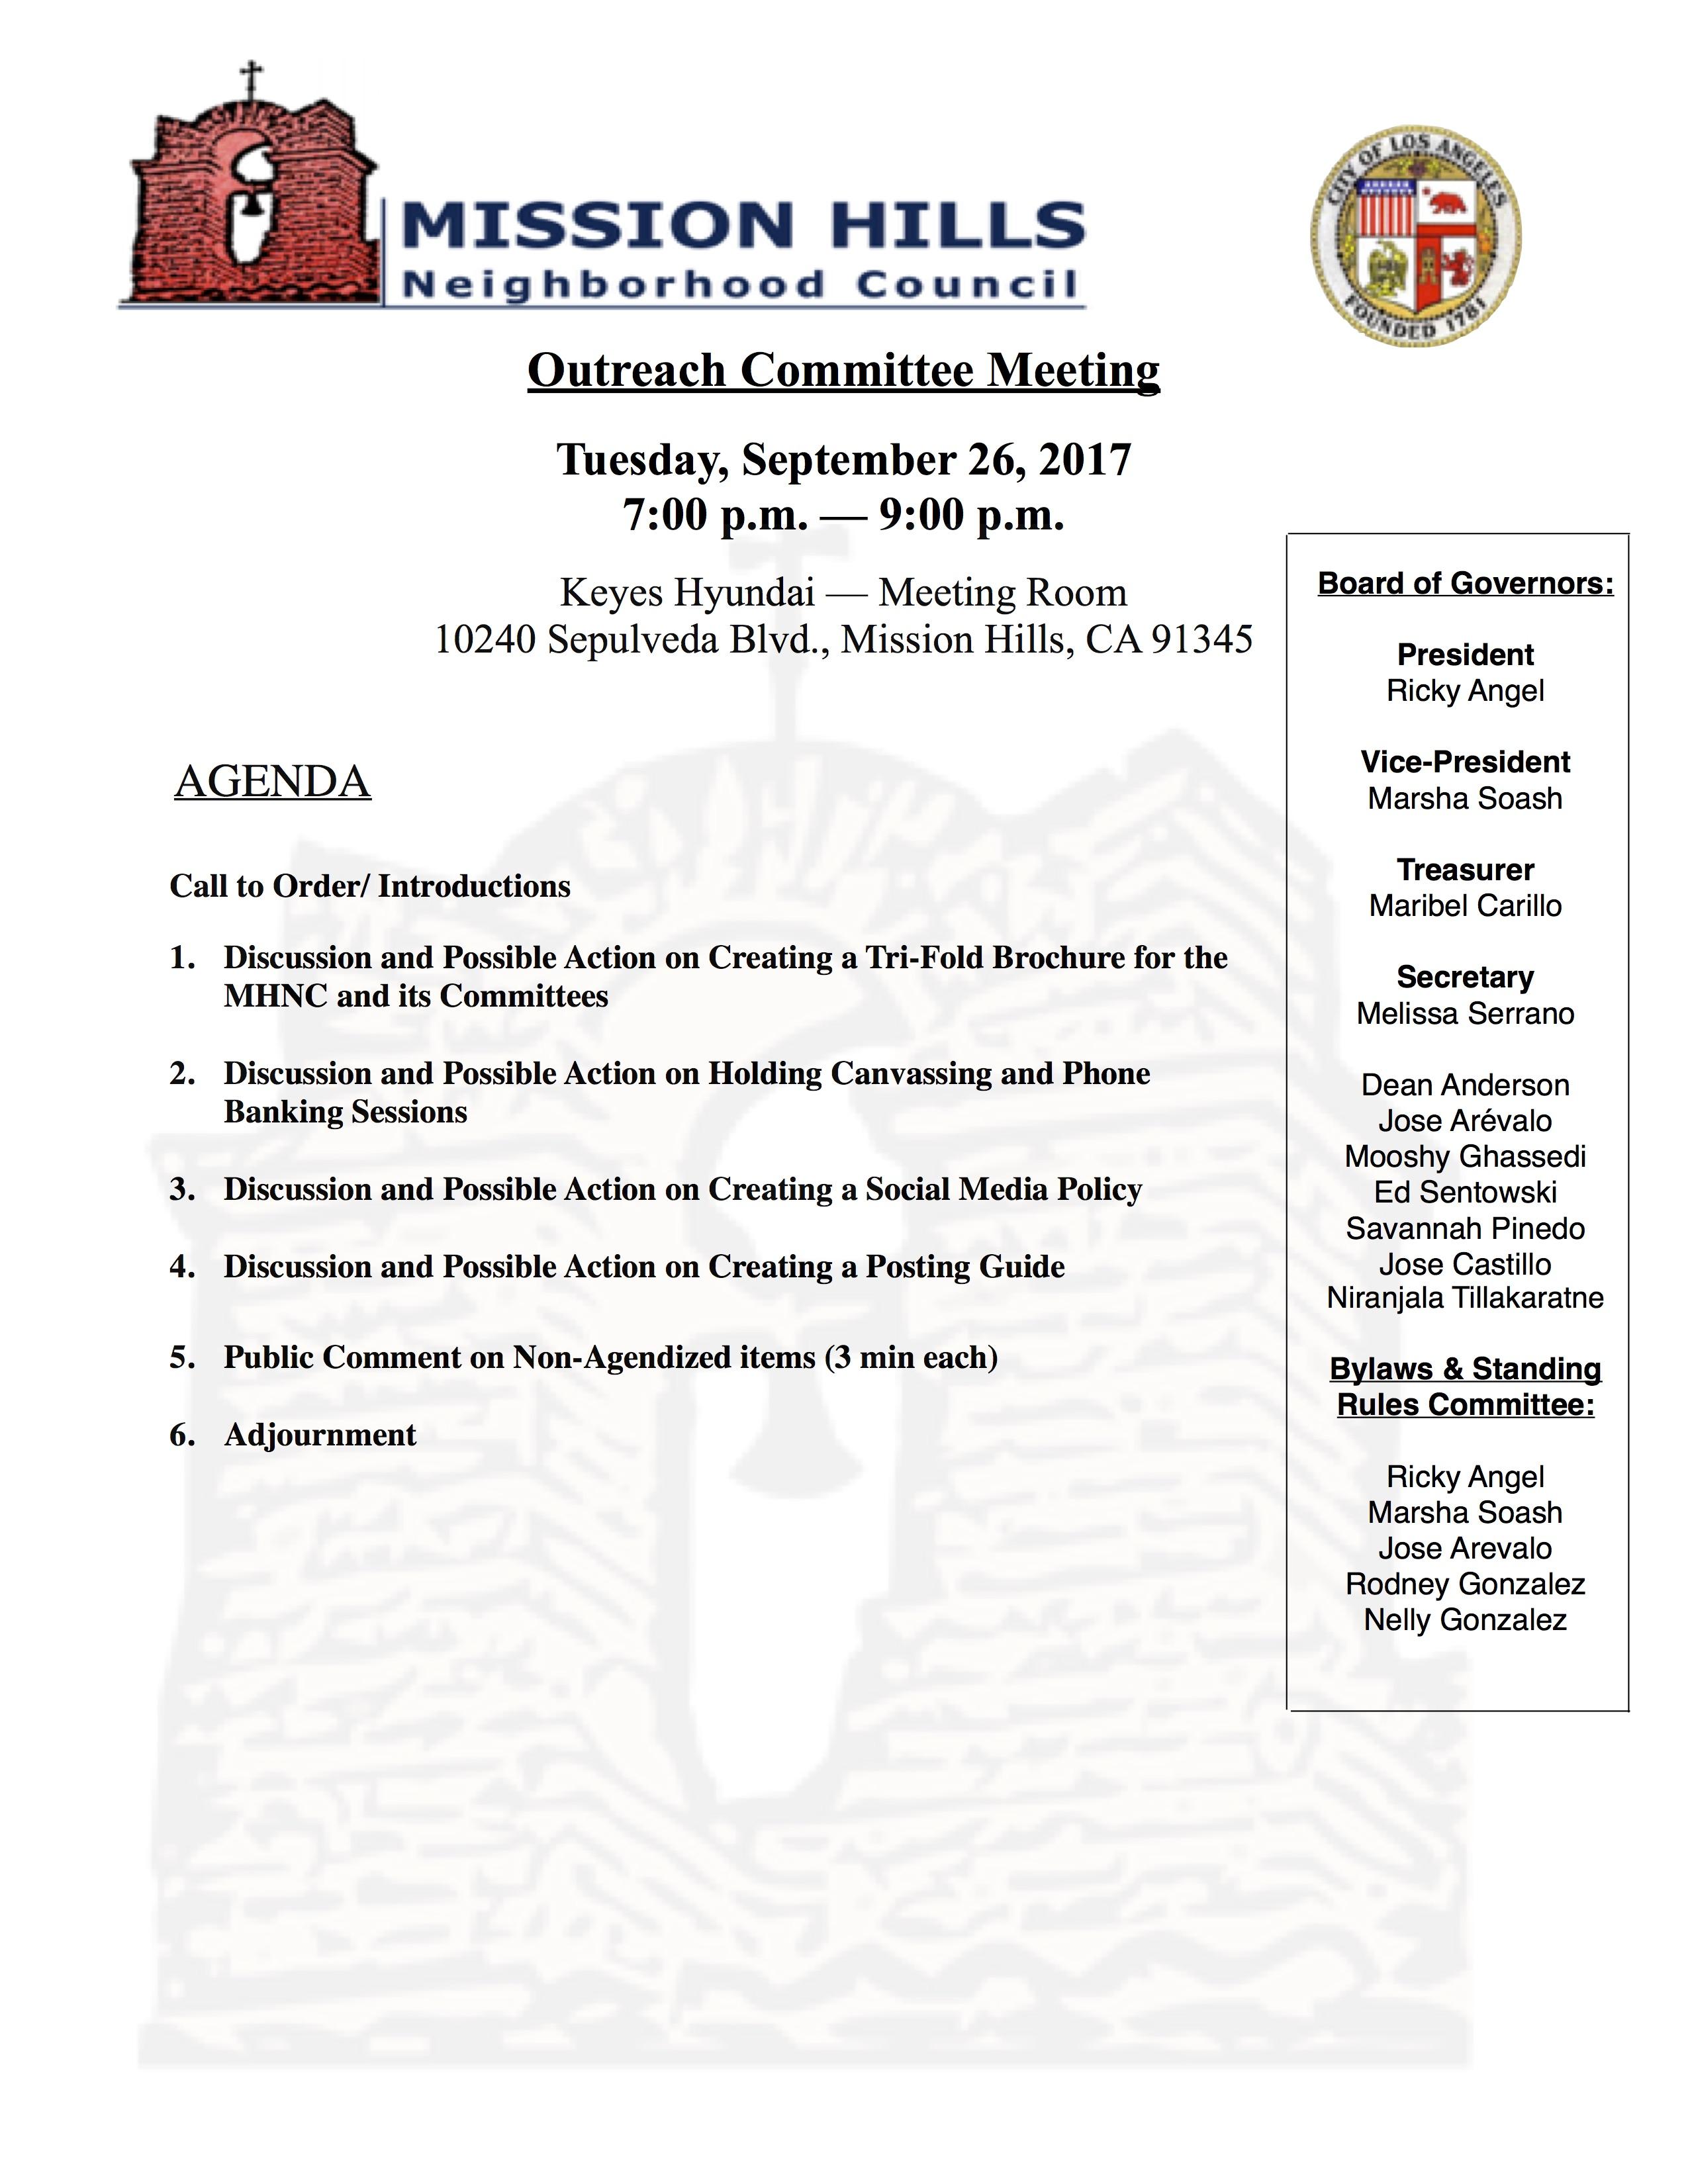 Outreach Meeting Agenda 9.26.17